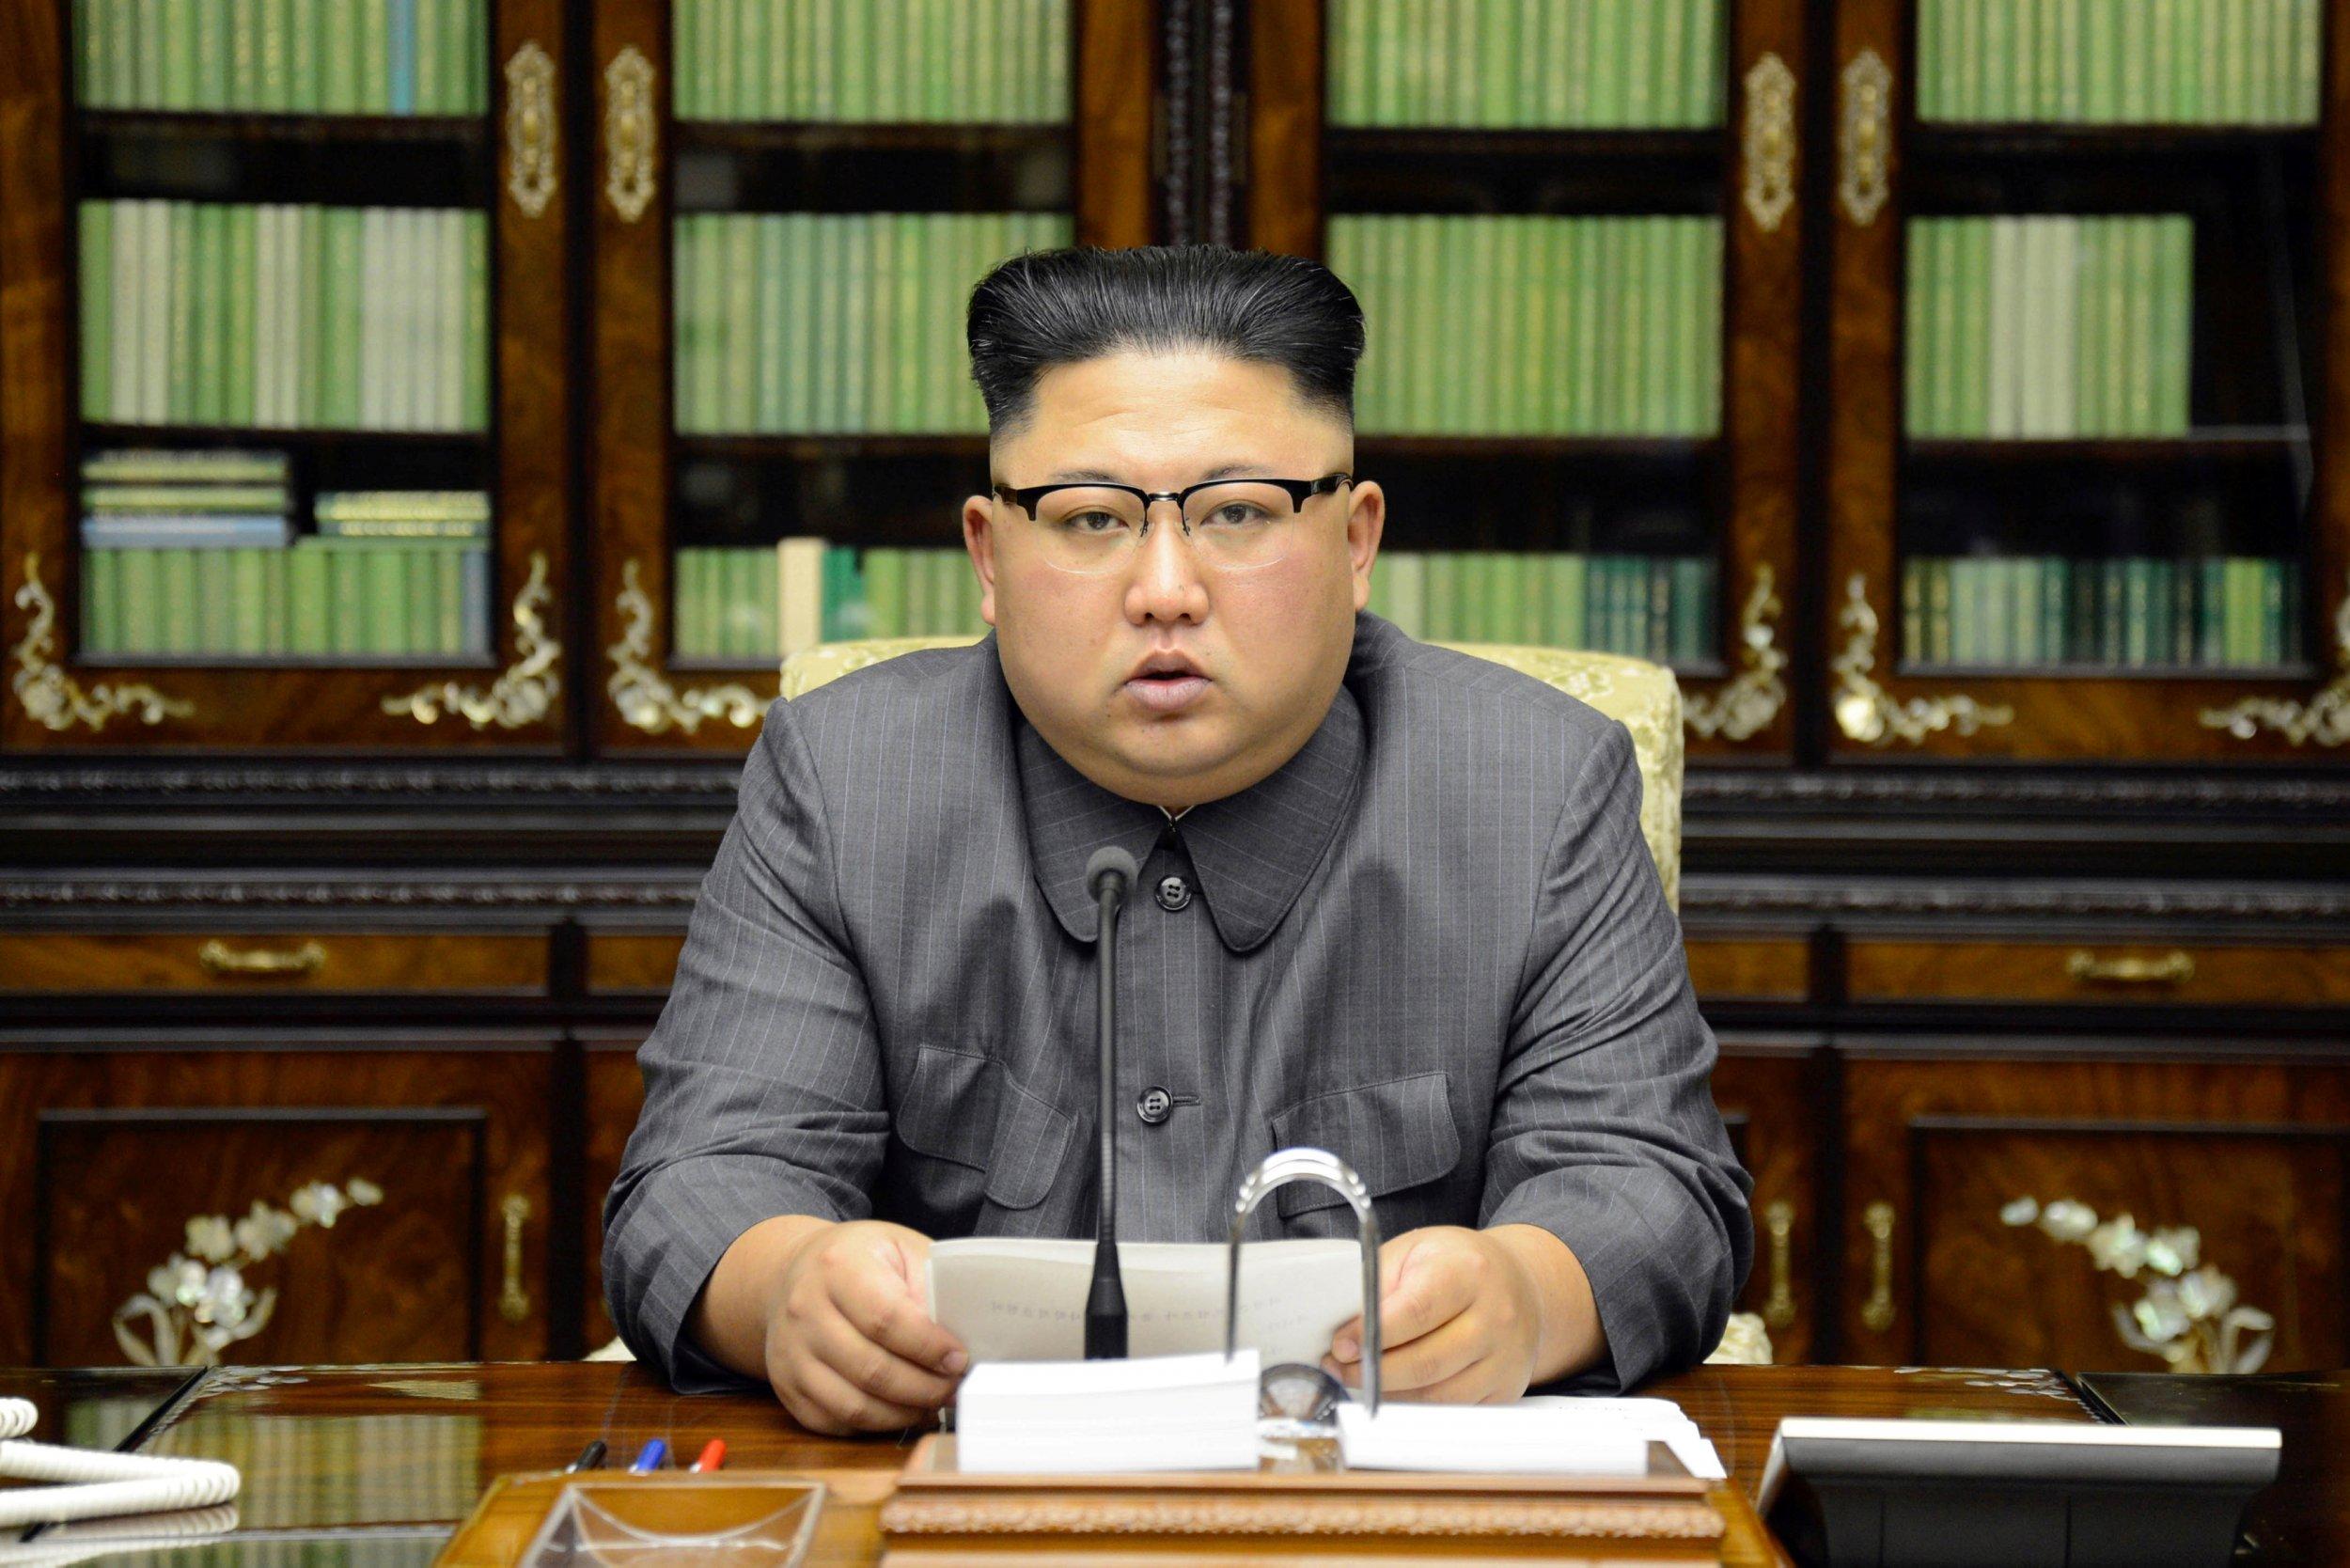 09_21_Kim Jong Un